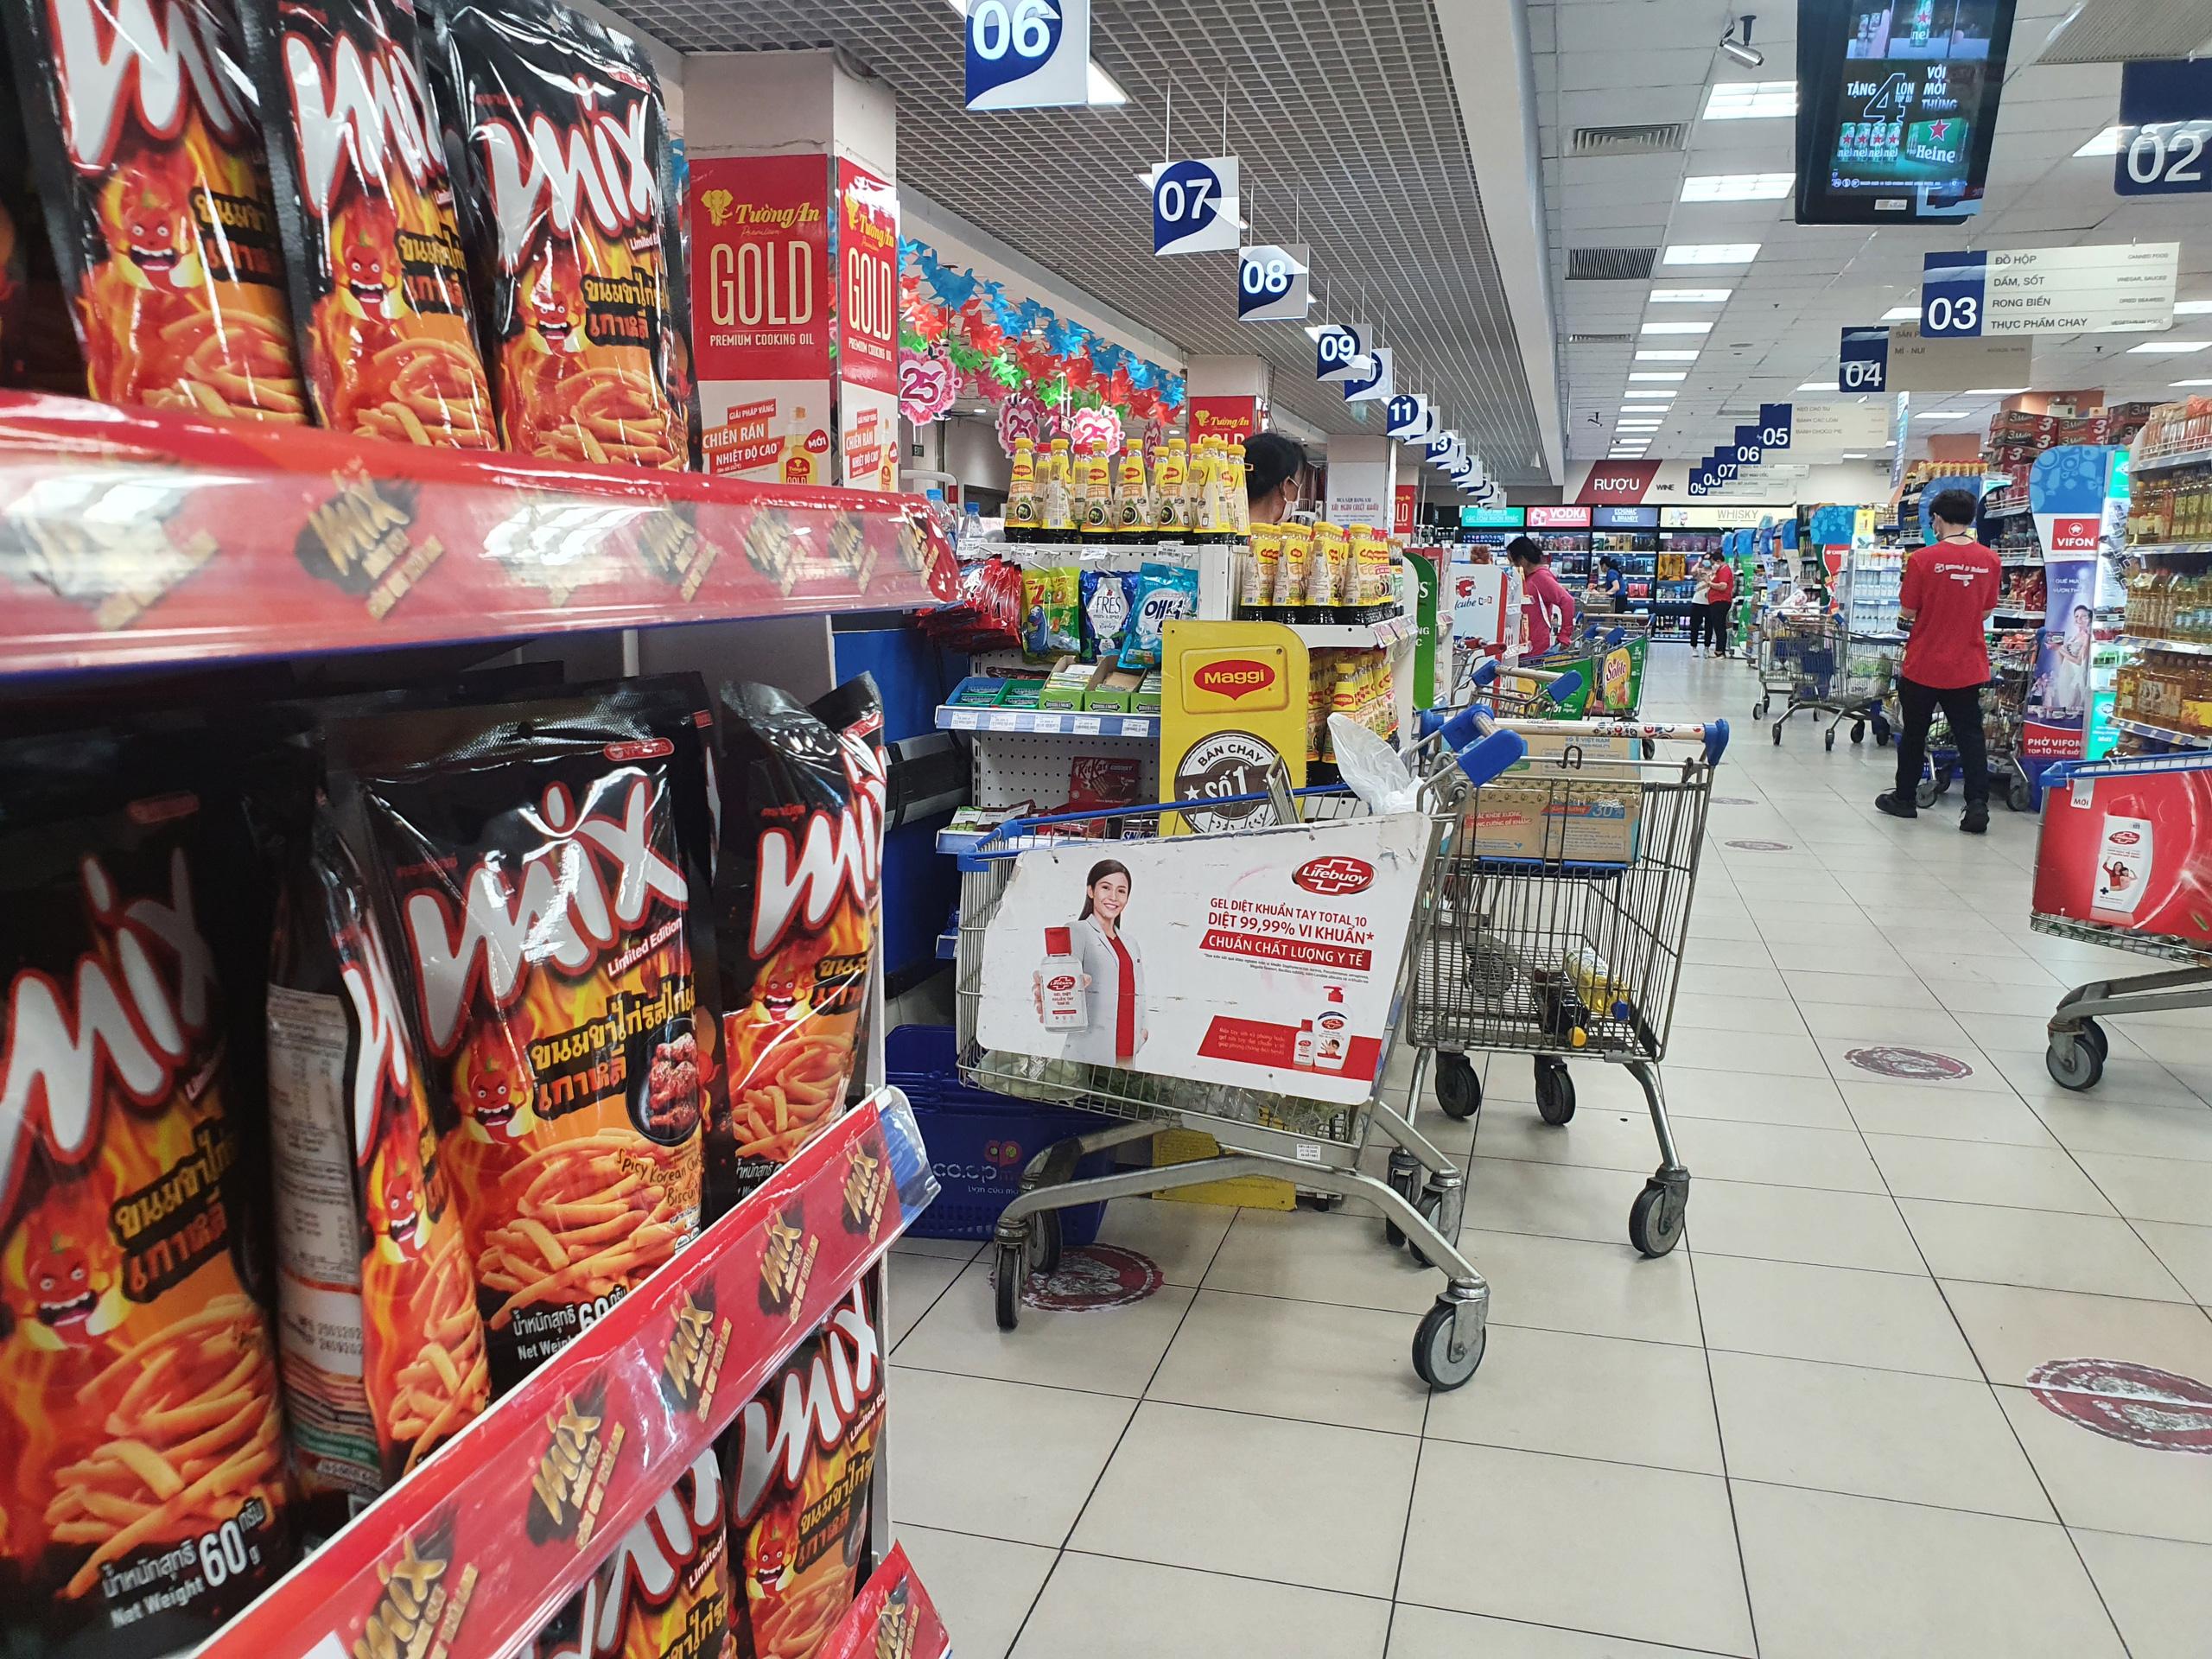 Ngày đầu tiên TP.HCM giãn cách xã hội: Chợ, siêu thị vắng khách, rau củ, thịt cá ê hề, mì gói chất đống - Ảnh 12.